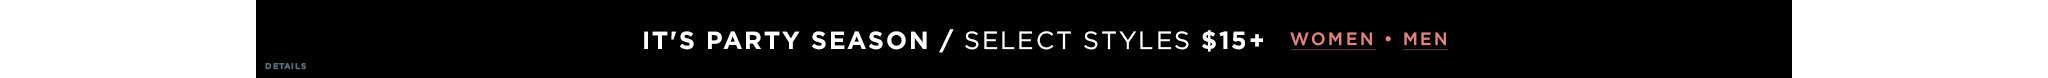 Select 15